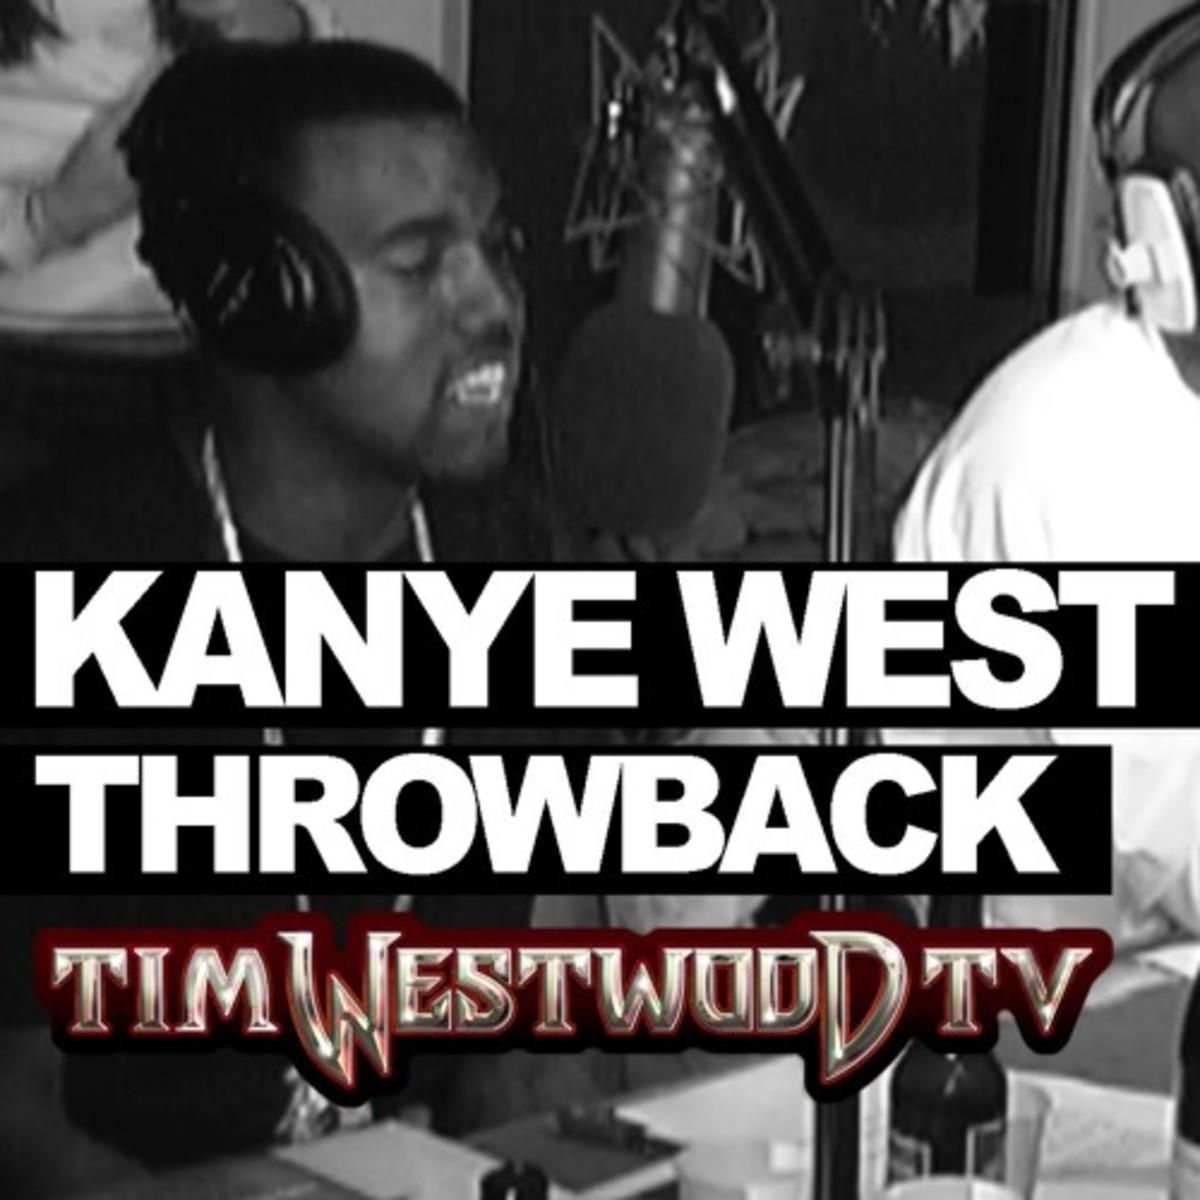 kanye-west-2004-tim-westwood-freestyle.jpg